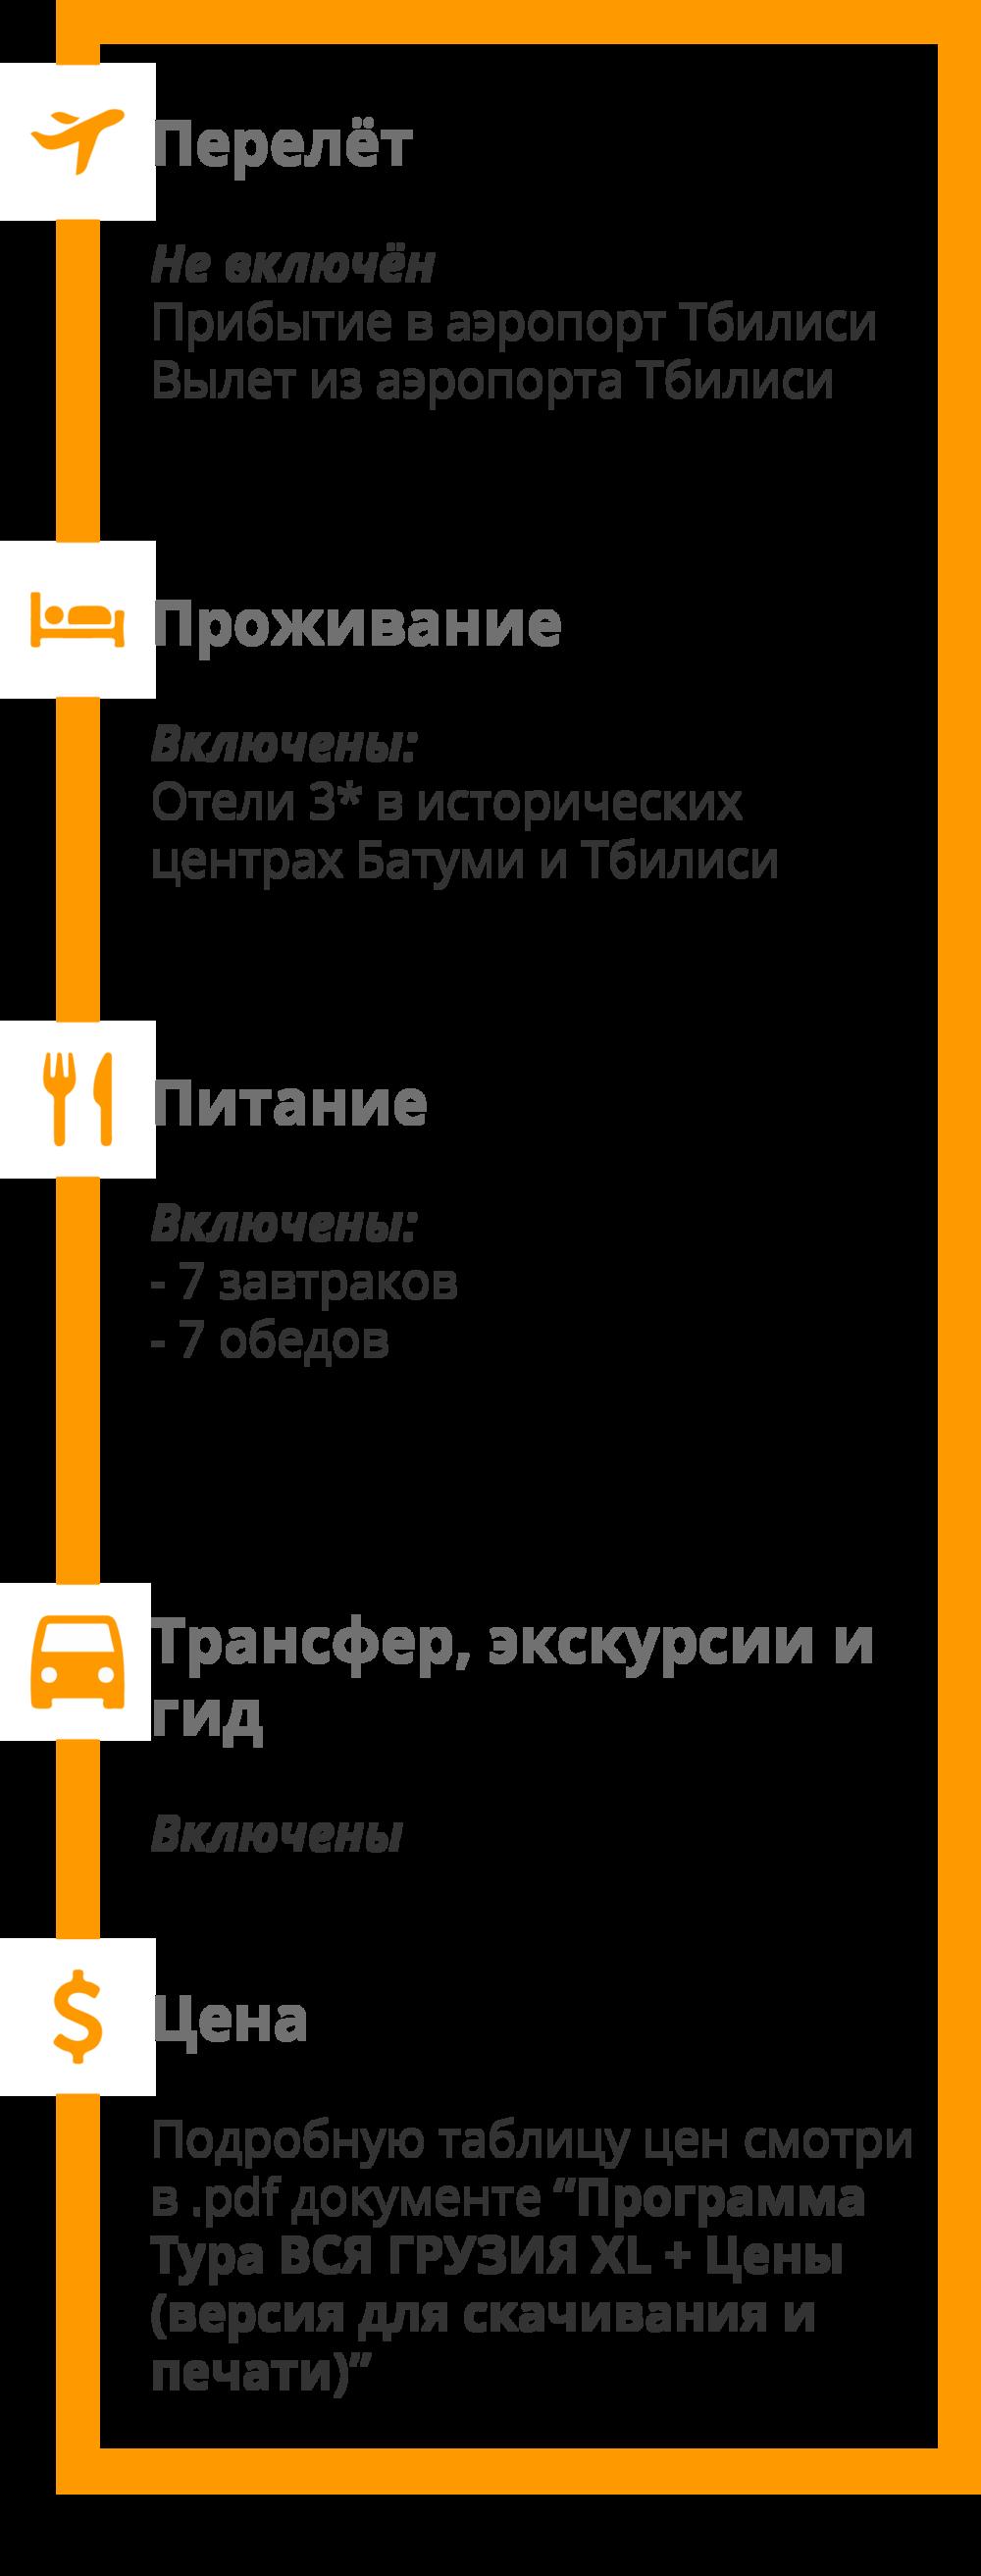 Тур Вся Грузия XL Цена Перелет Проживание Питание Гид Экскурсии Трансфер NAMERANI.png